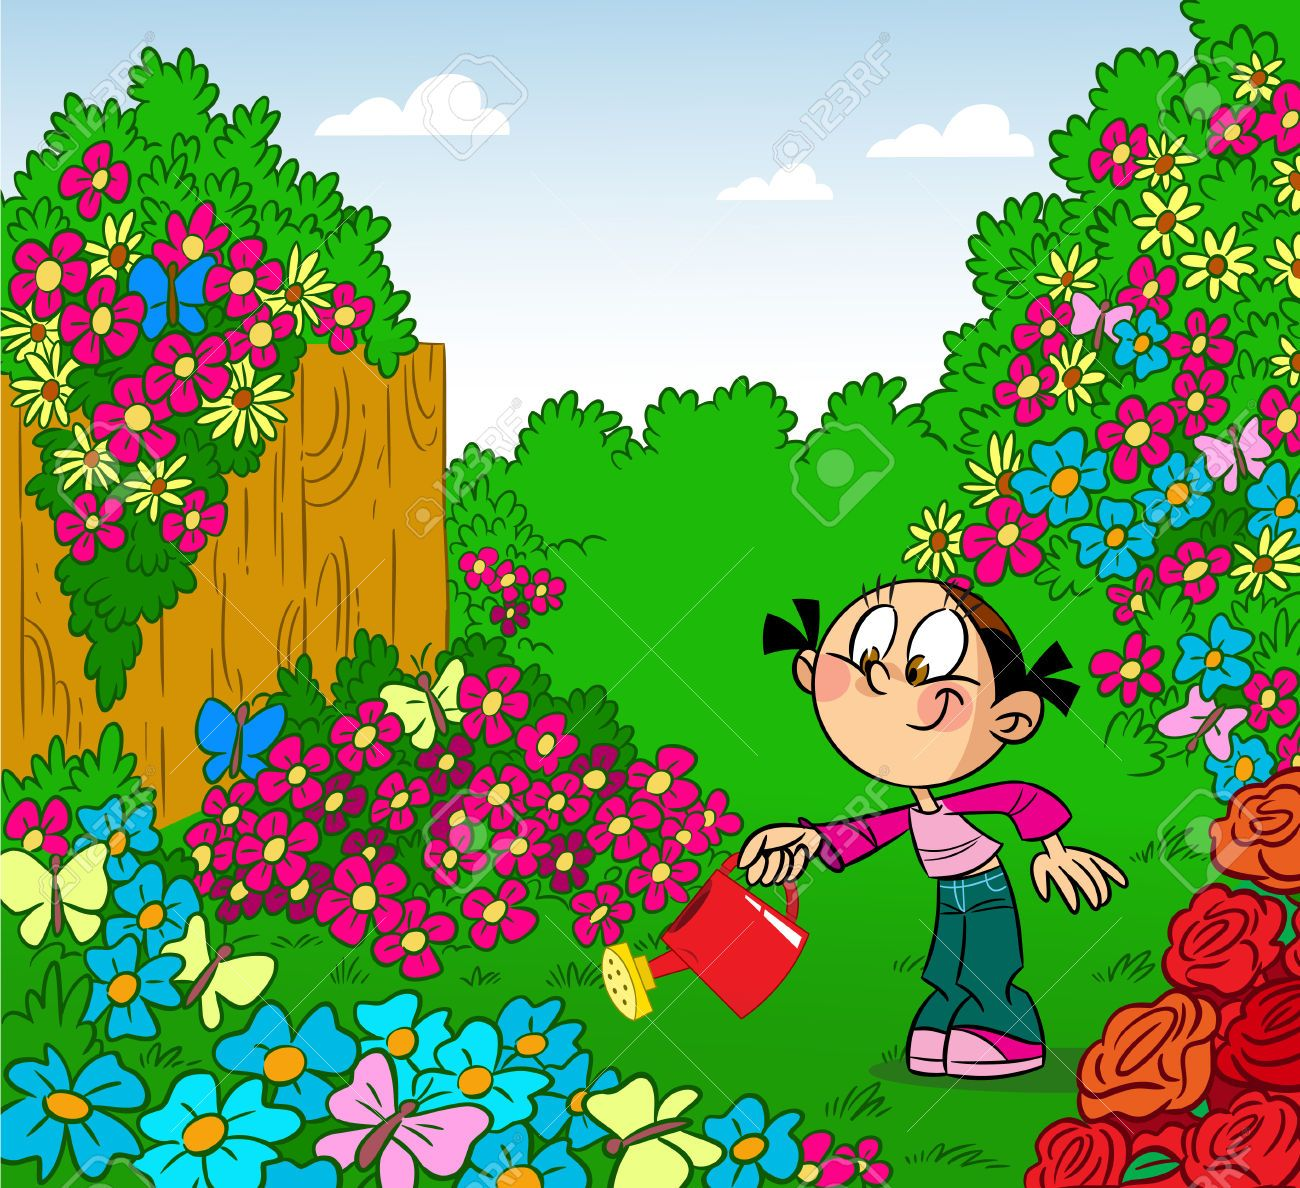 Chica riega las flores en la lata ilustraci n riego del for Dibujos de jardines